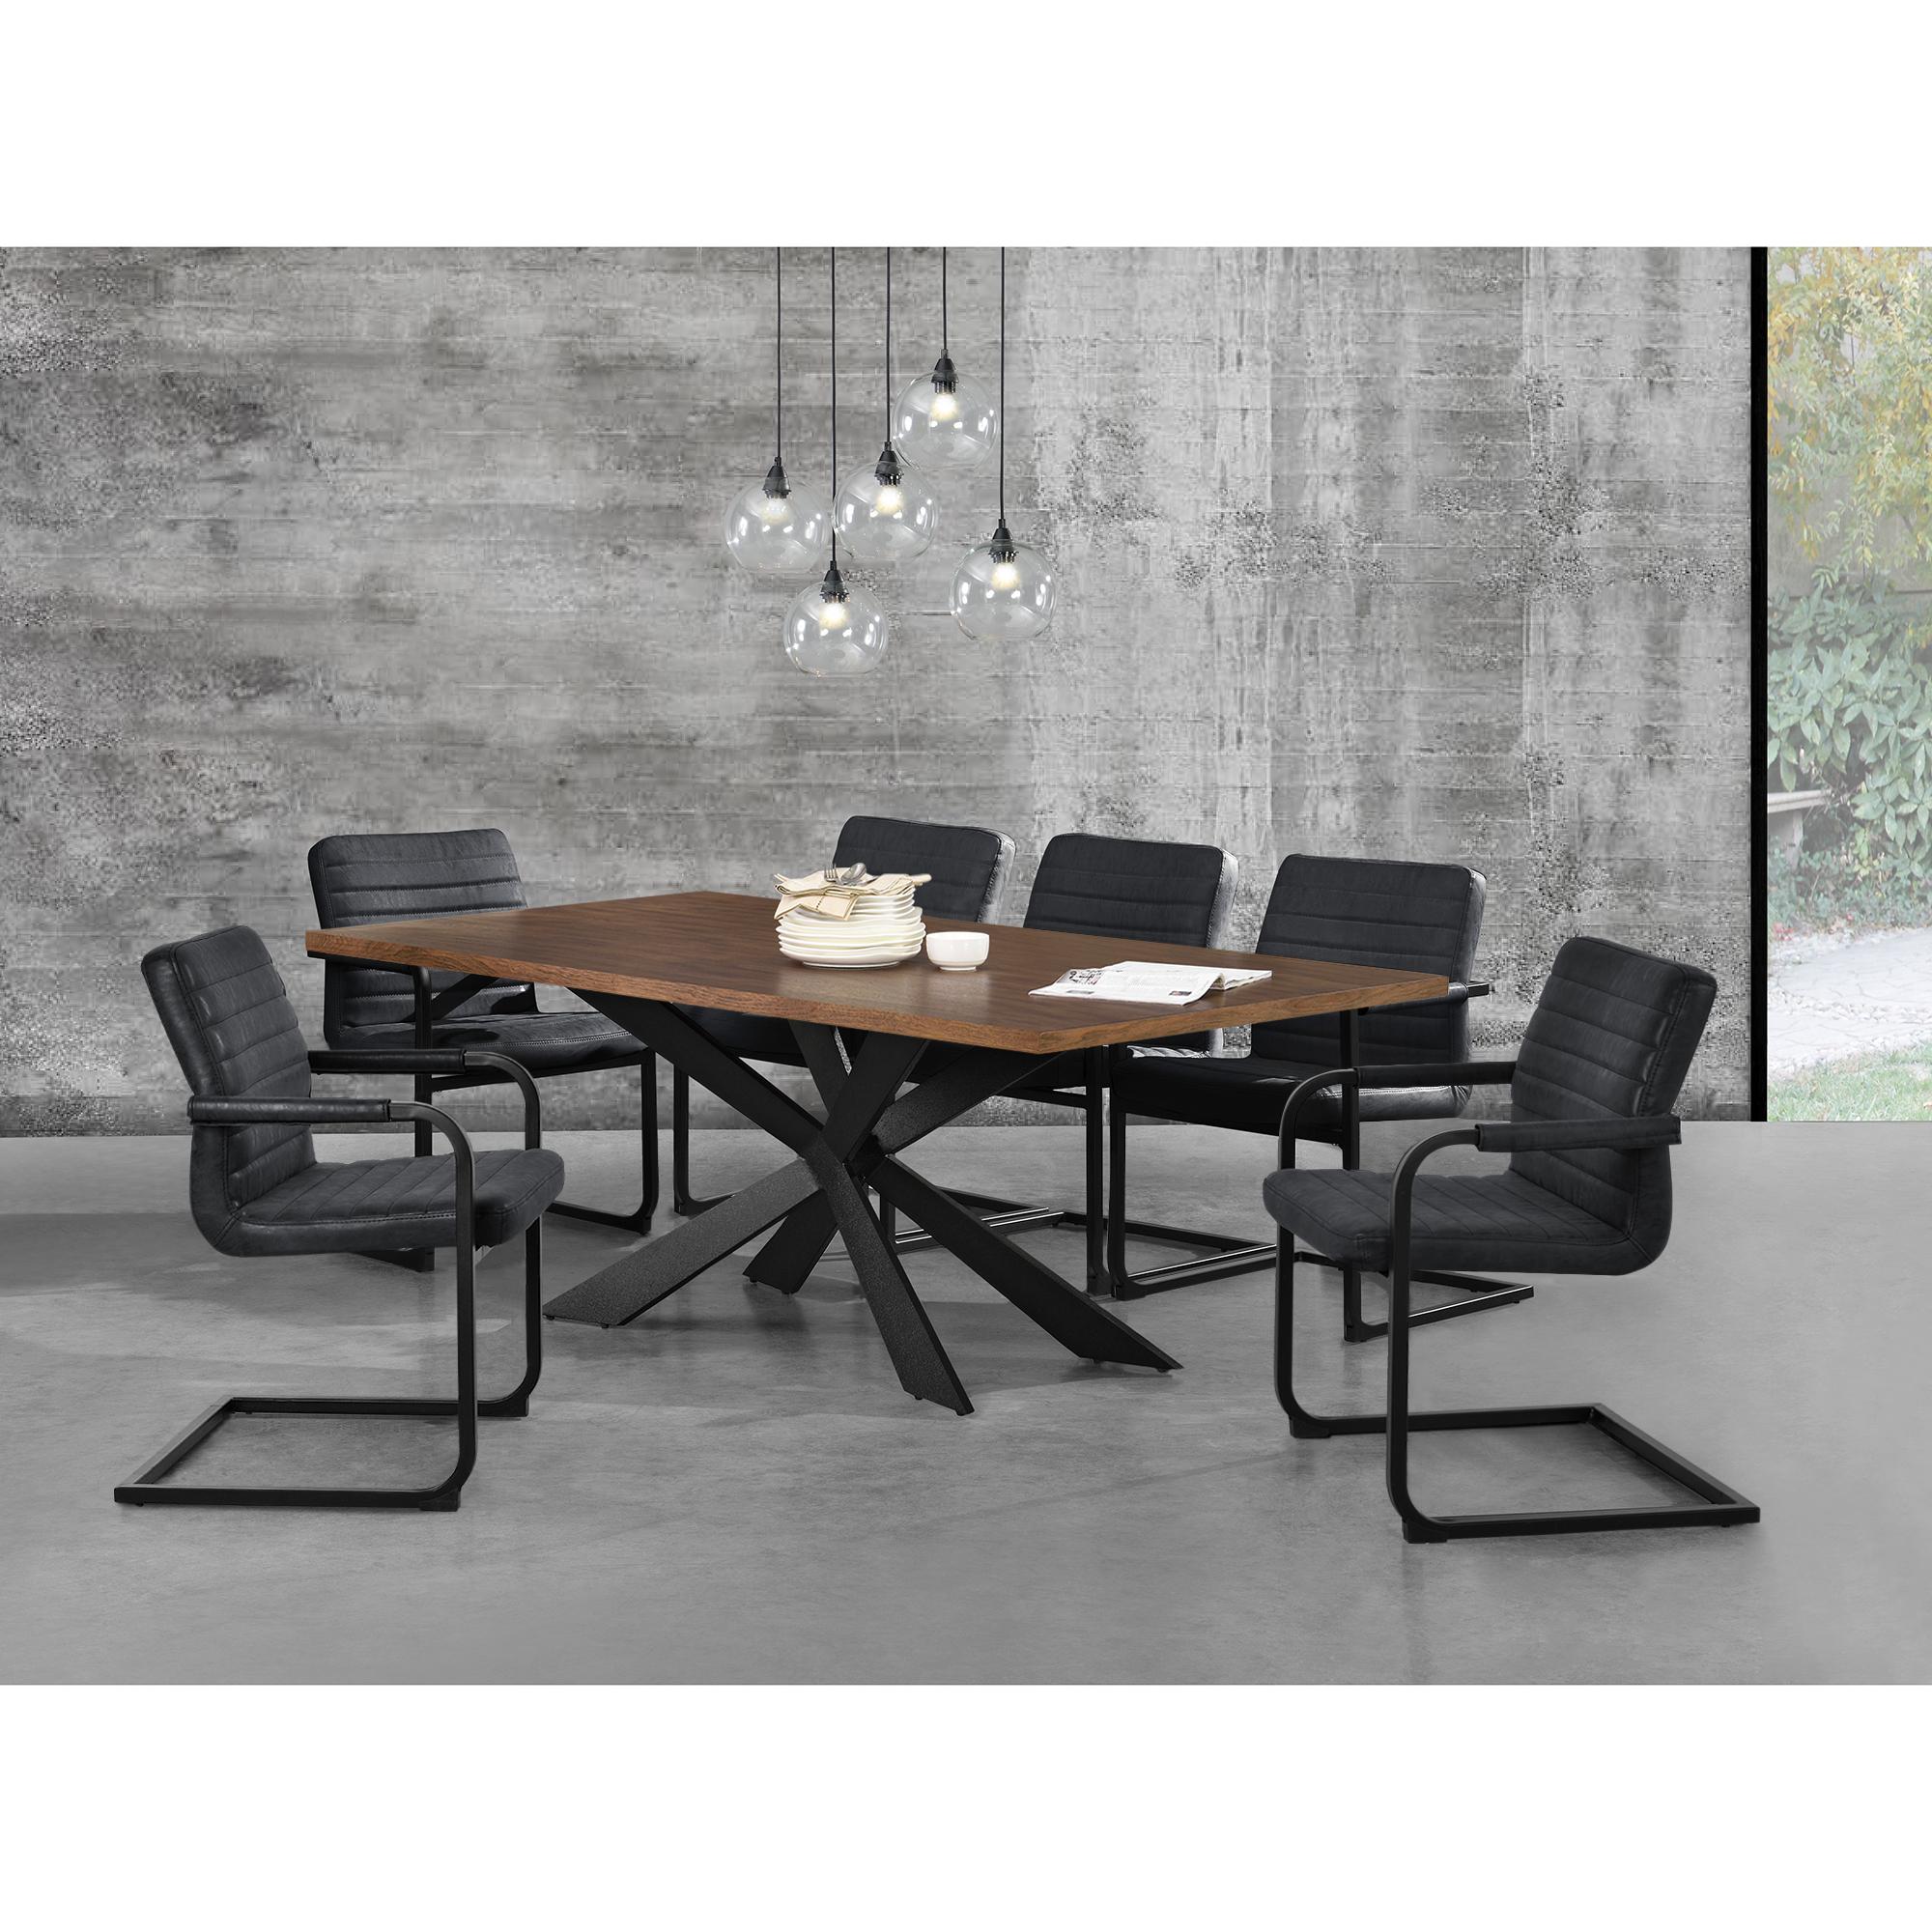 esstisch 160x90 eiche weiss 6 st hle schwarz esszimmer tisch neu ebay. Black Bedroom Furniture Sets. Home Design Ideas